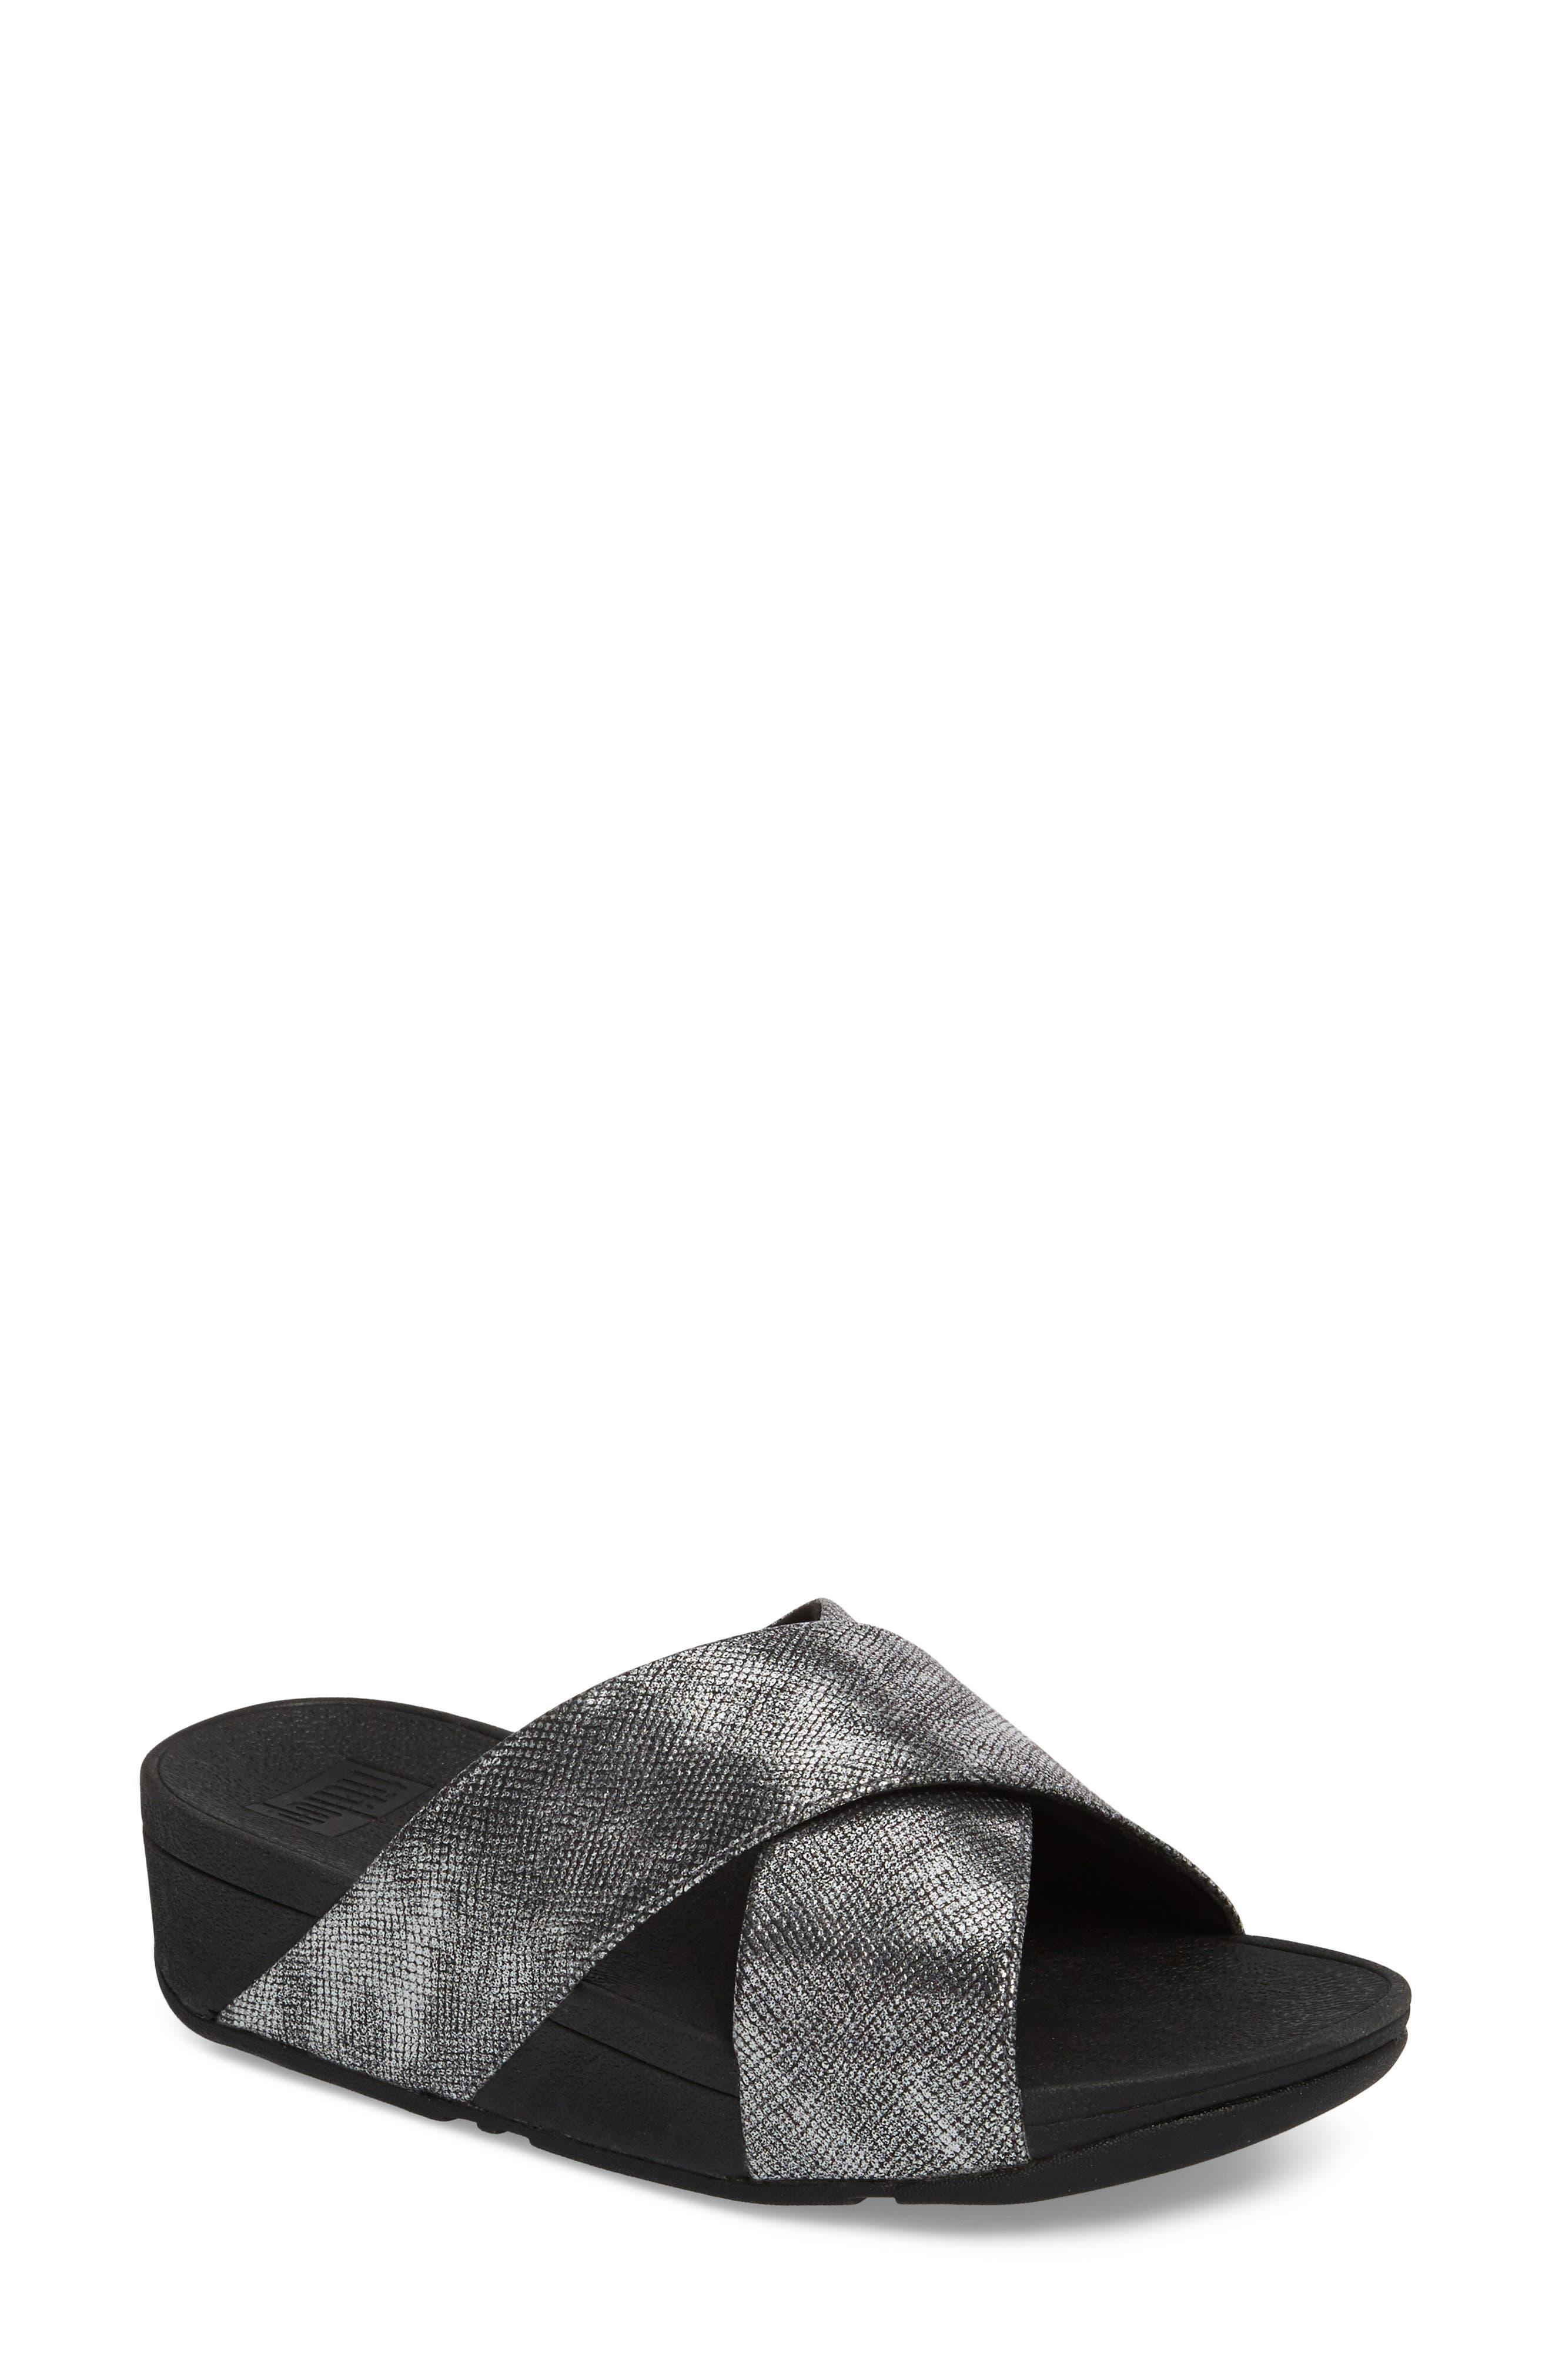 Lulu Cross Slide Sandal,                             Main thumbnail 1, color,                             BLACK SHIMMER PRINT